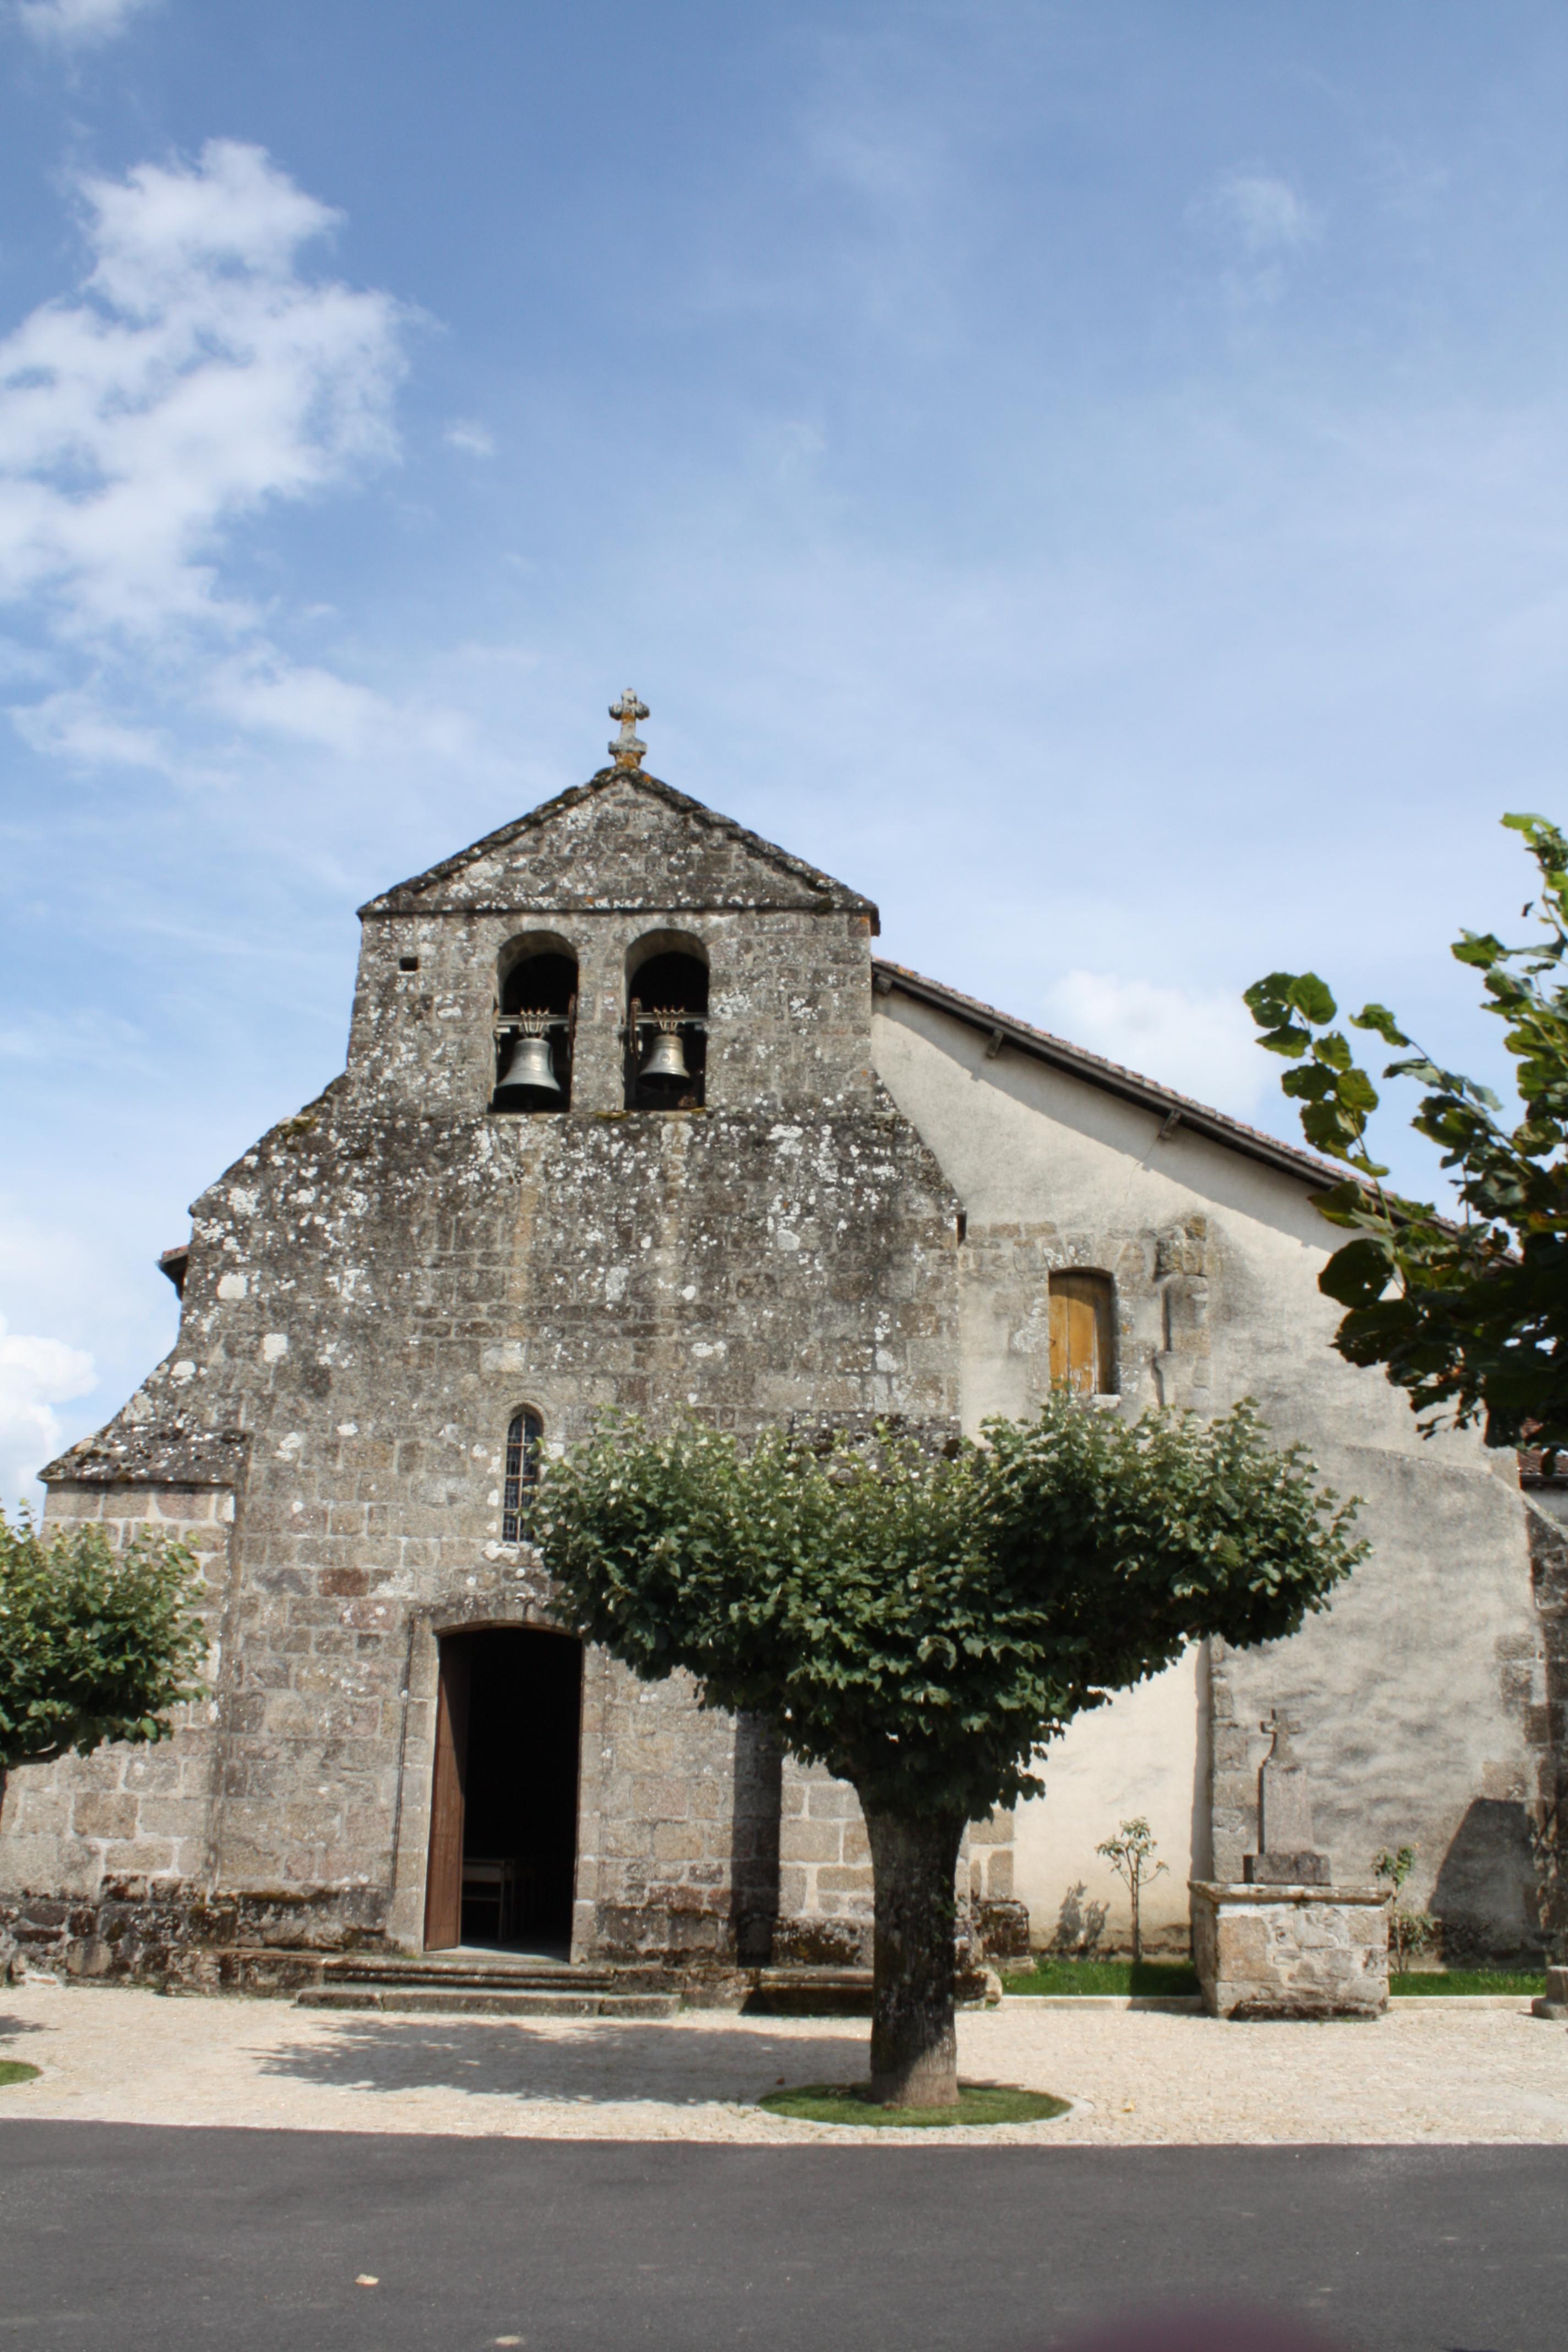 Saint-Yrieix-sous-Aixe